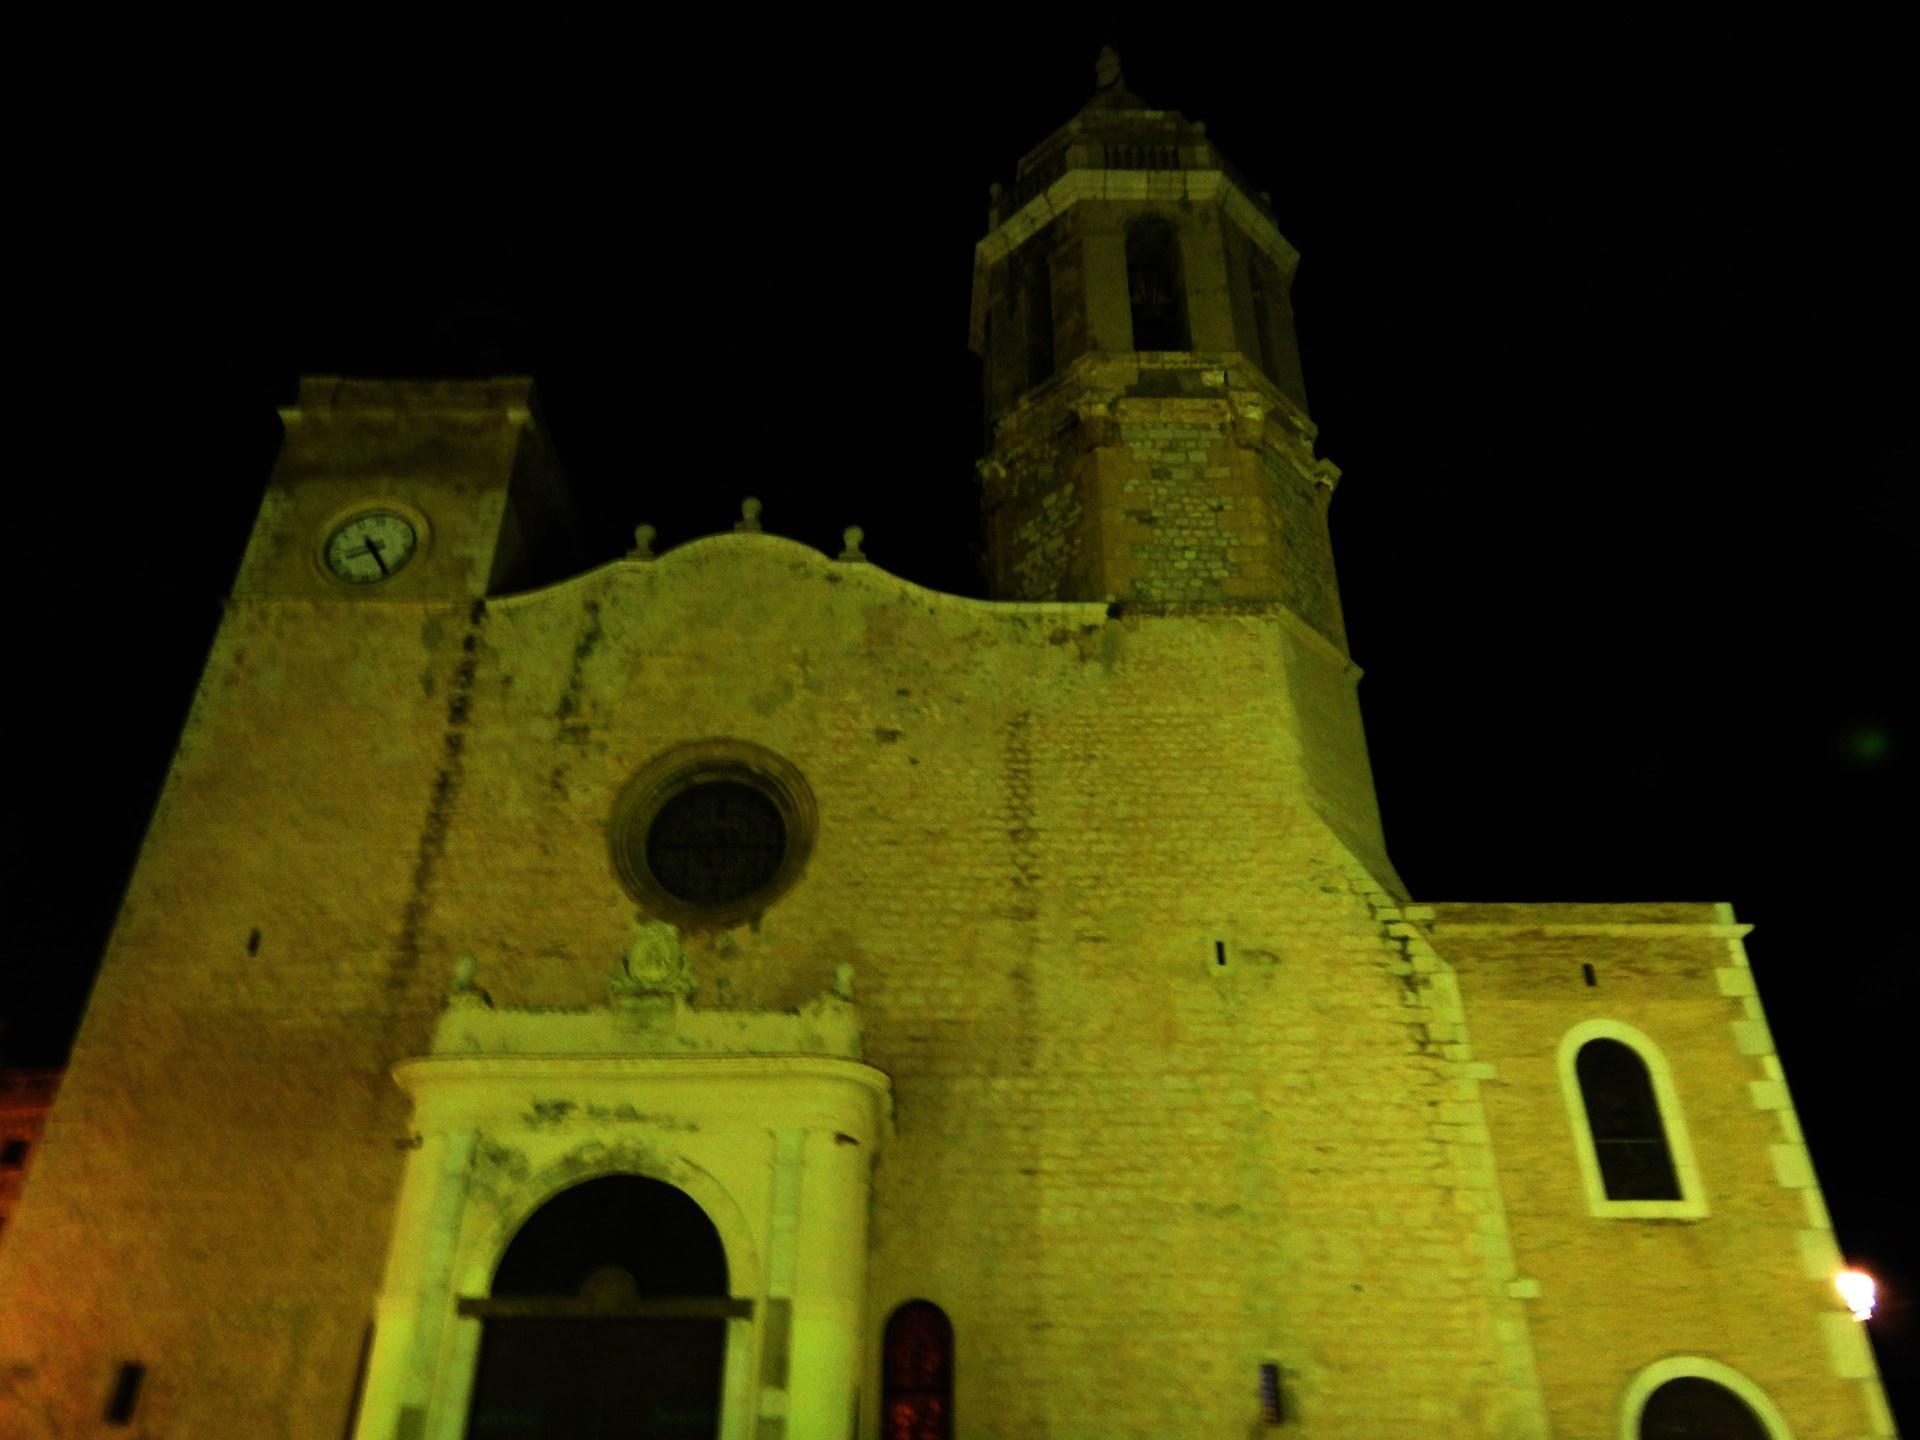 L'Hora del Planeta a Sitges: Apagada simbòlica de La Punta